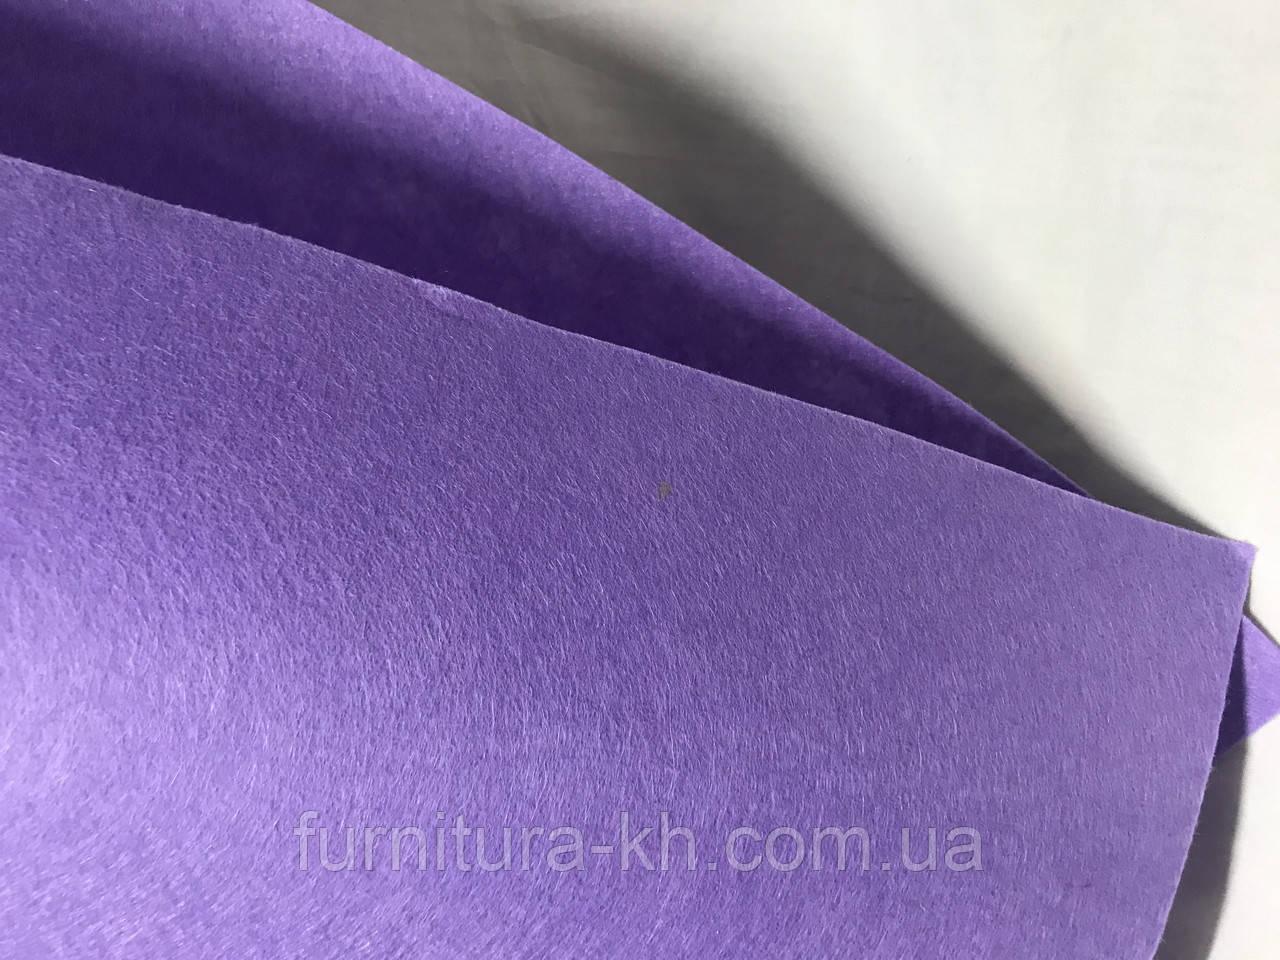 Фетр Бузковий , розмір 50 Х 40 см, товщина 1 мм